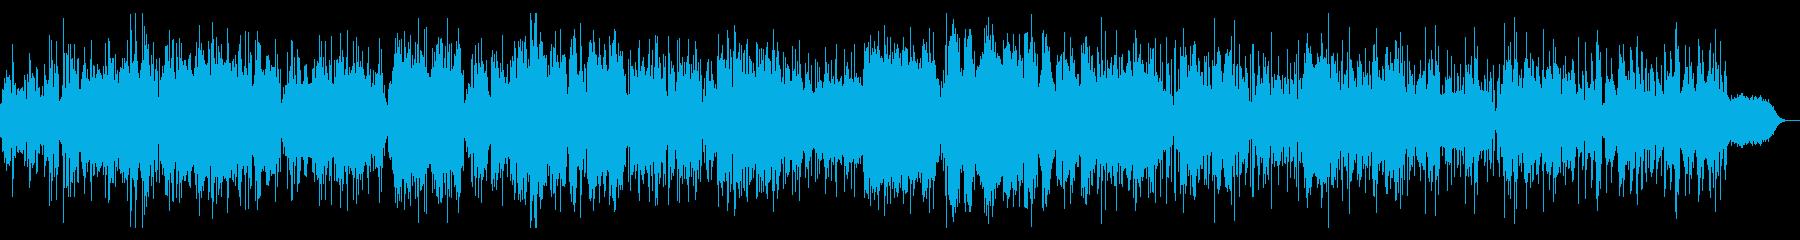 リズムとテクスチャのシンプルIDMの再生済みの波形